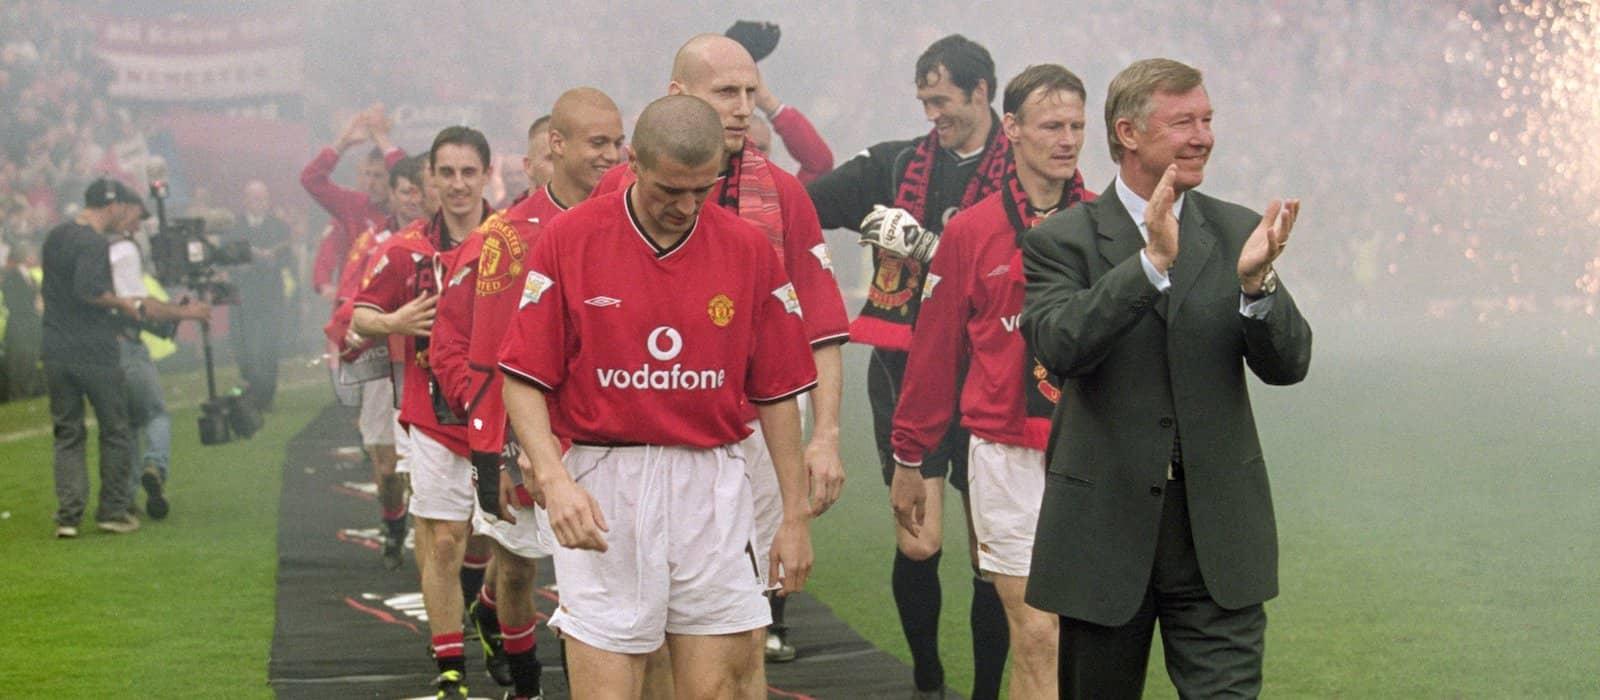 Roy Keane calls Sir Alex Ferguson a cheat in amazing video